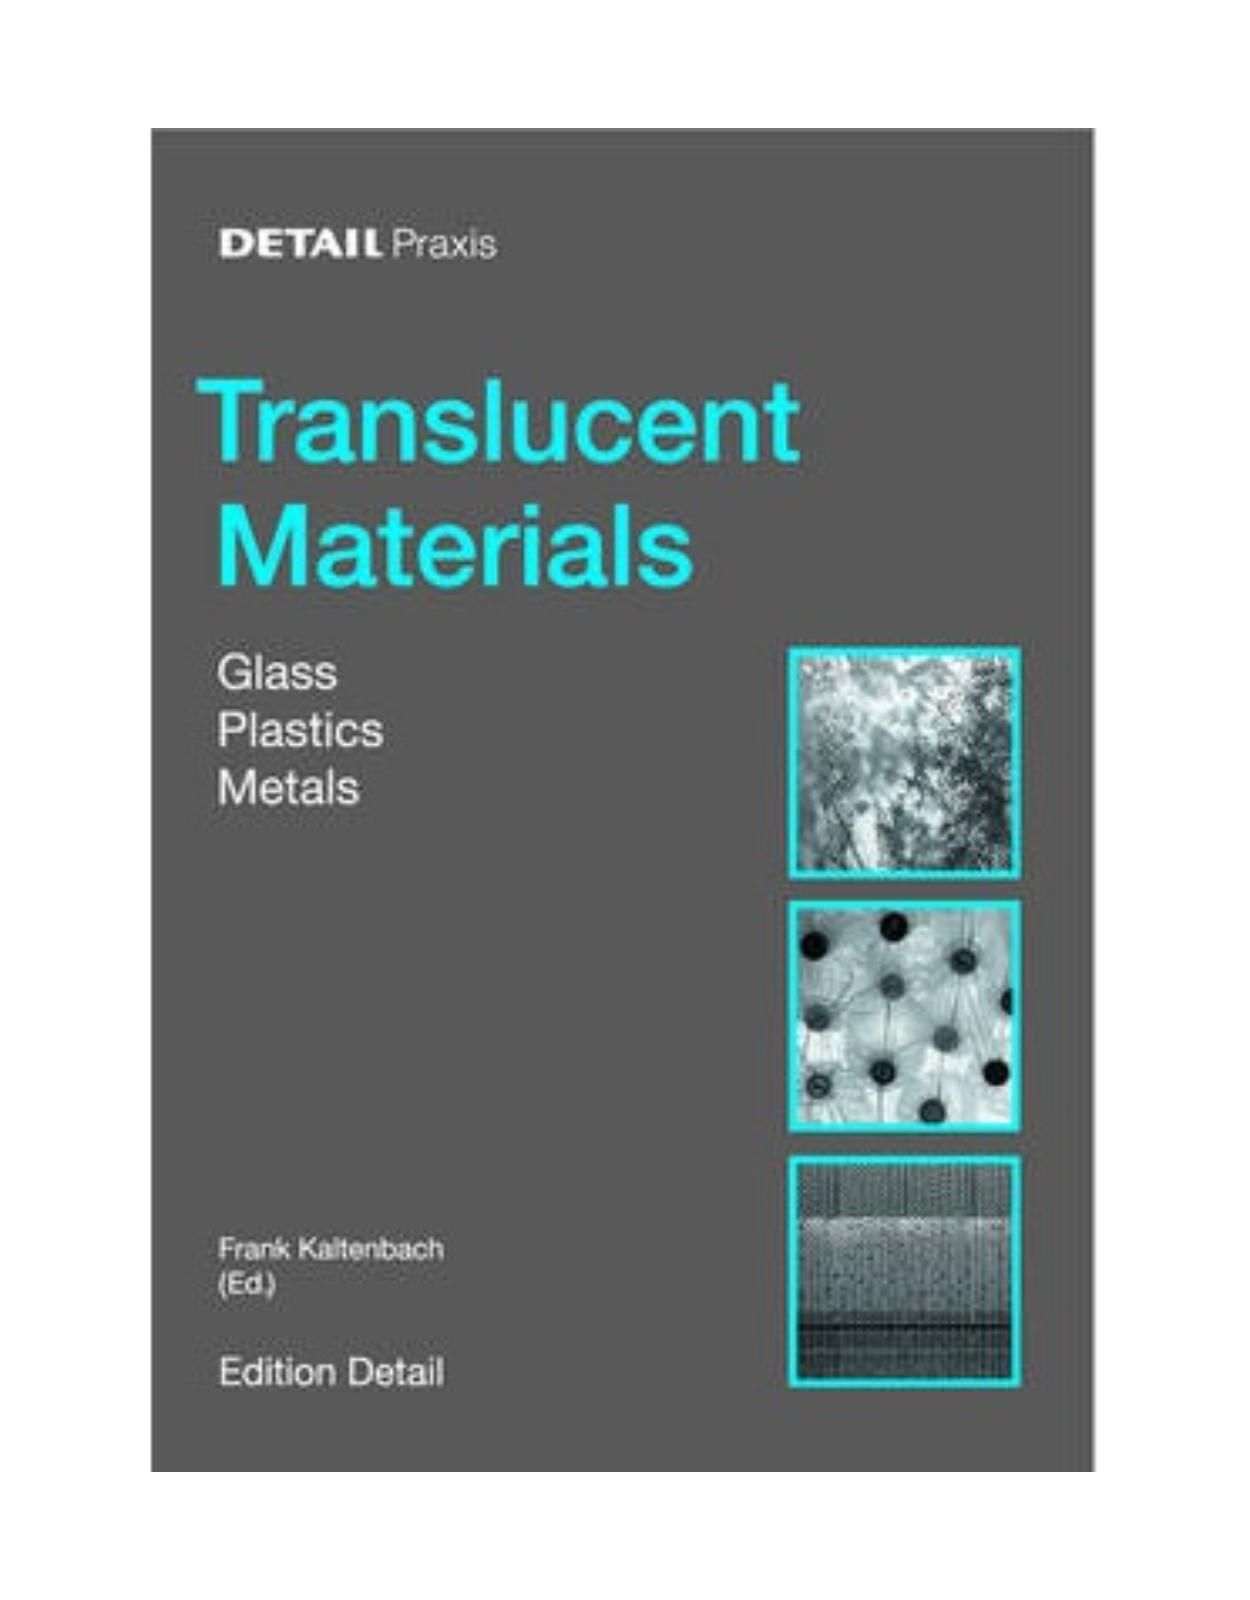 Detail Practice: Translucent Materials